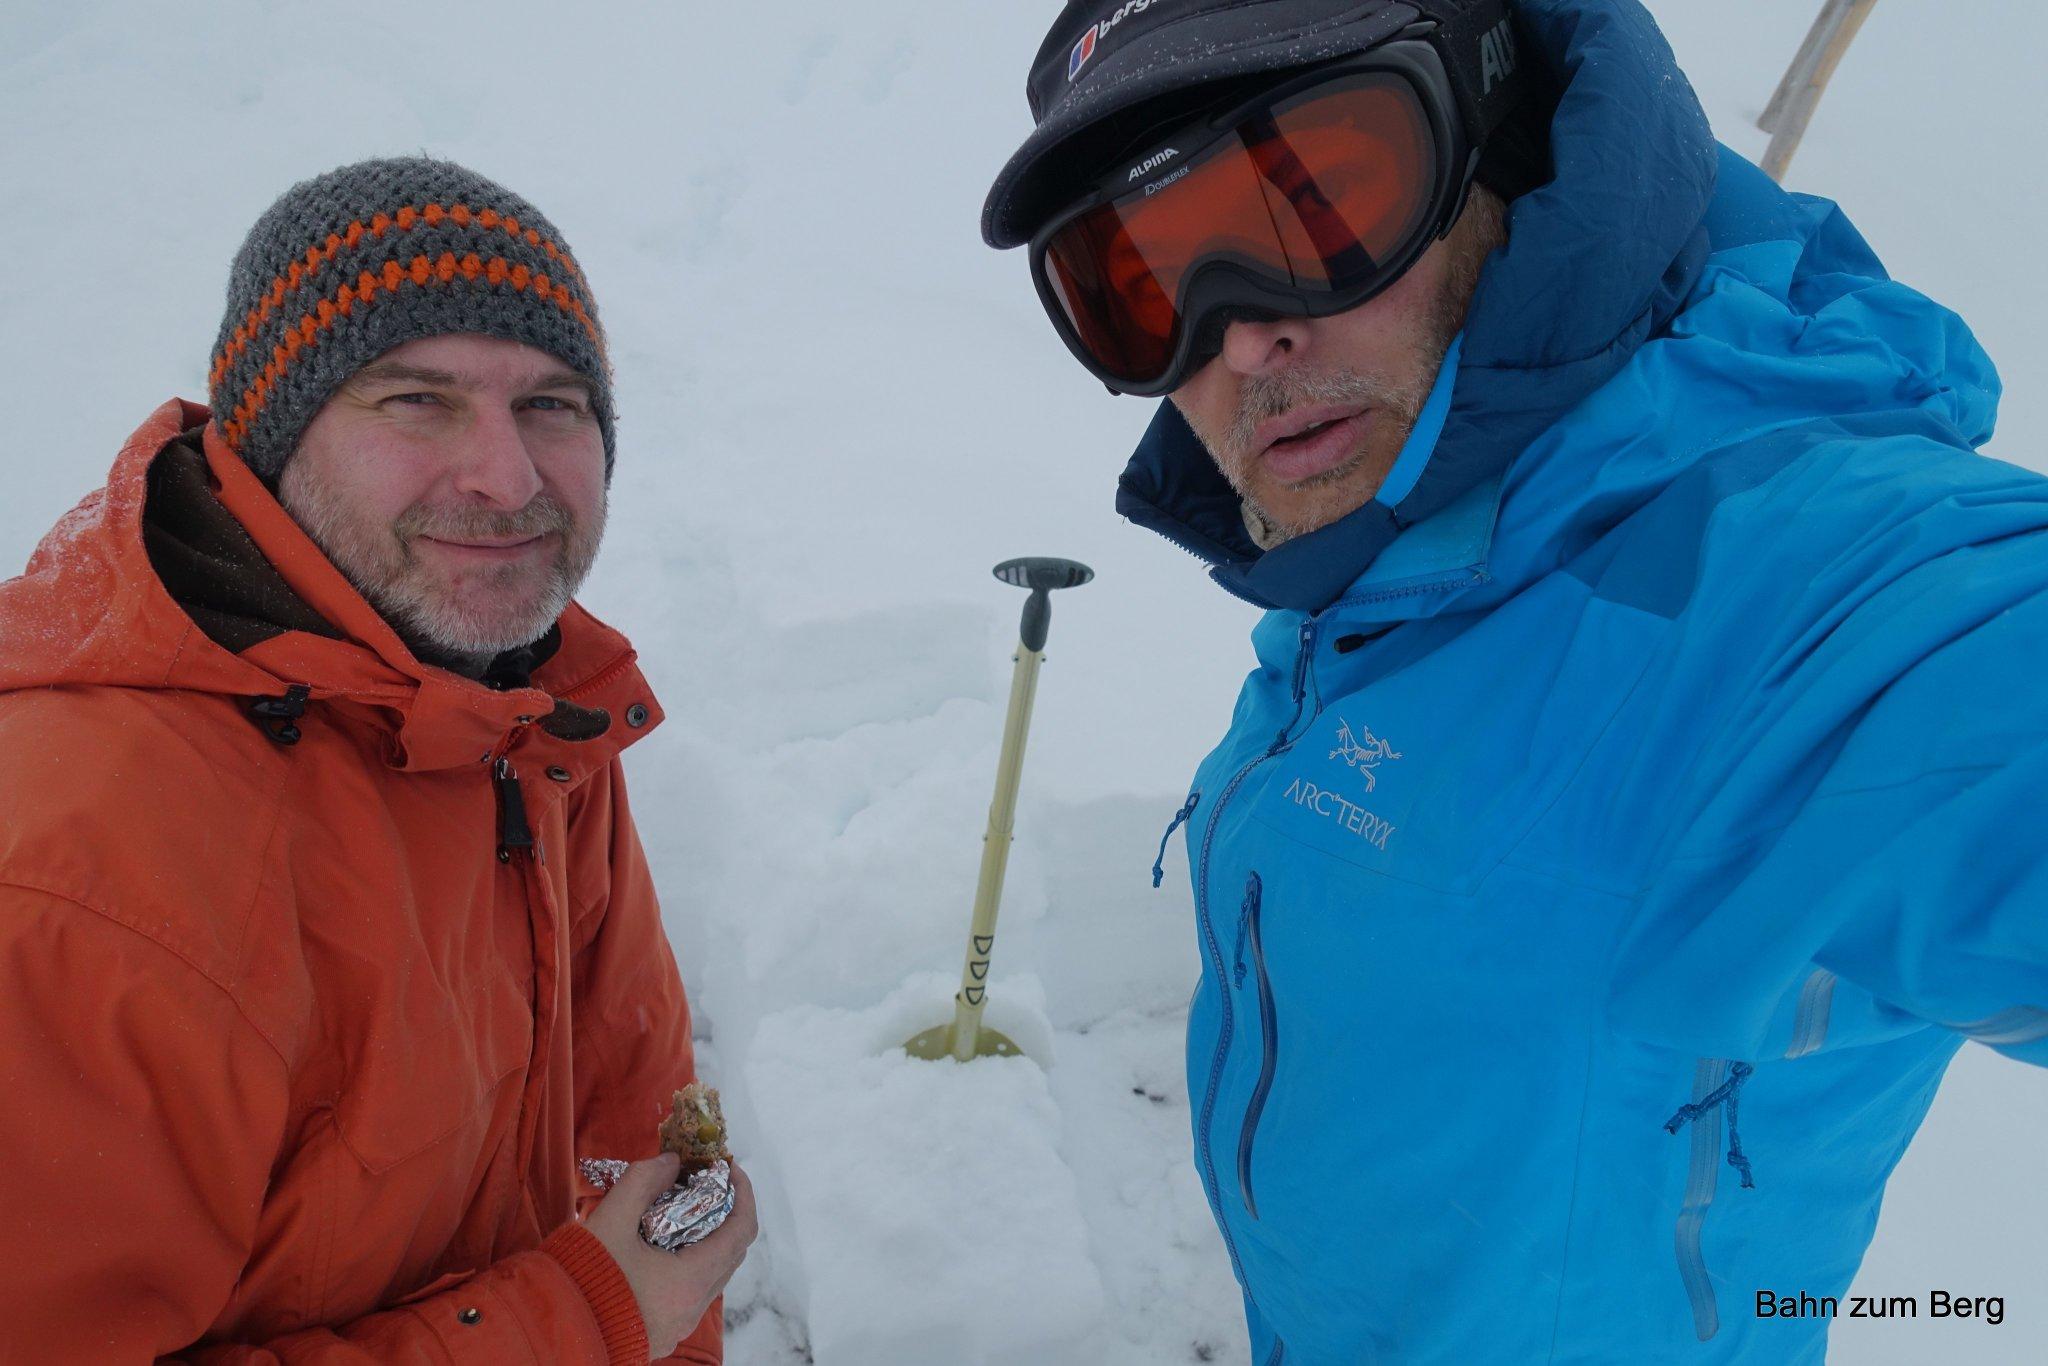 Didi und ich schauen uns in der Pause den durchgefrorenen Schnee genauer an.